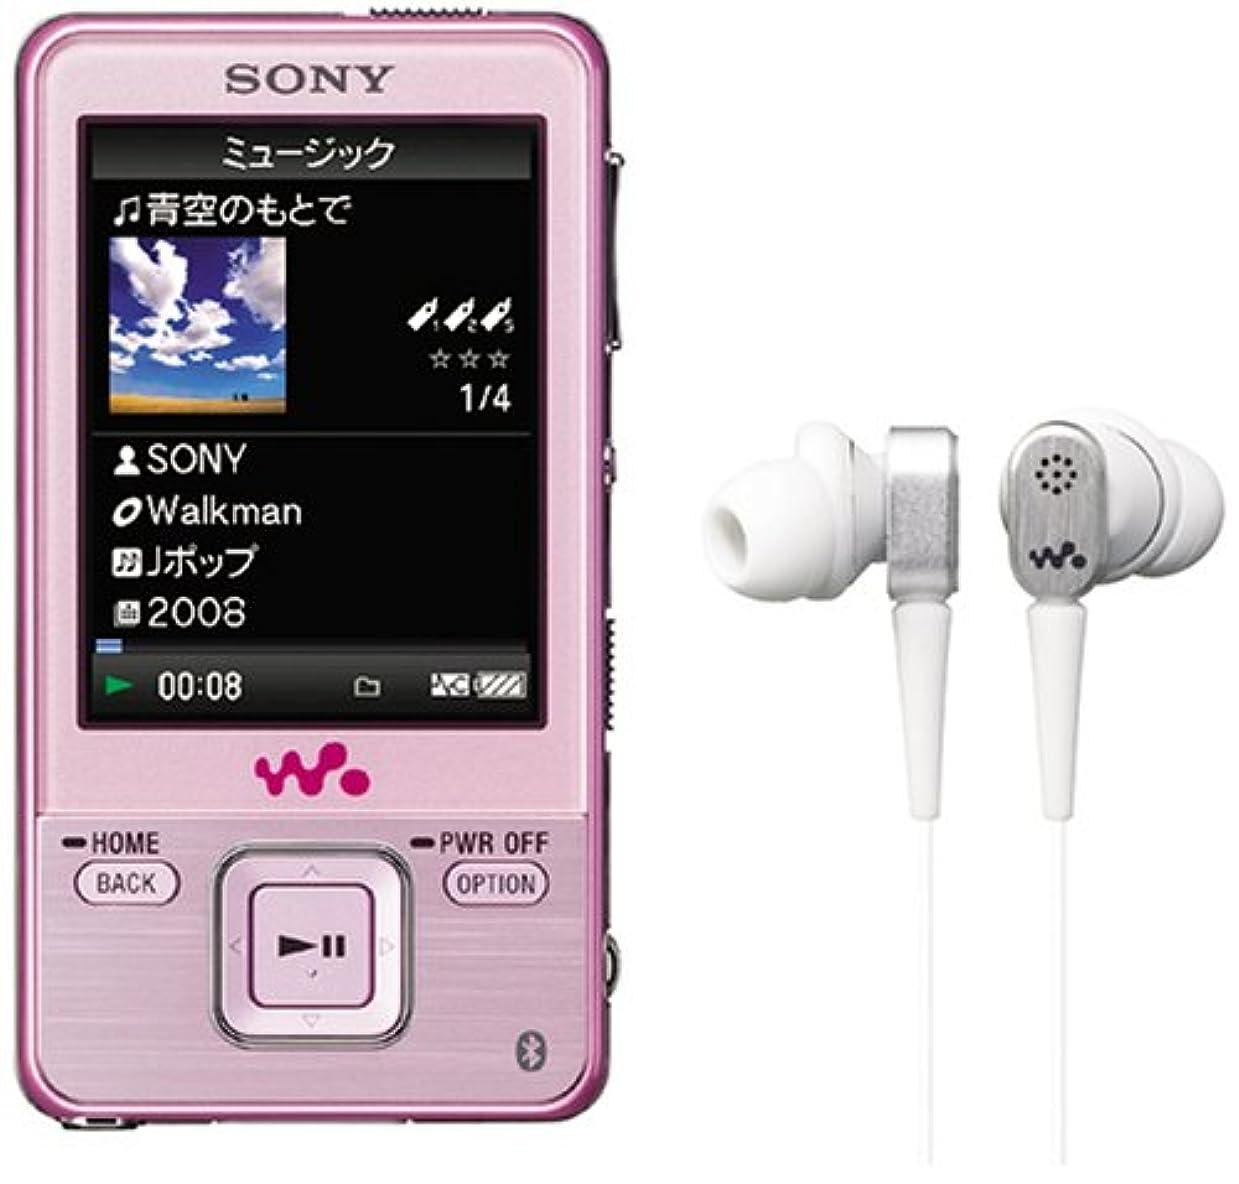 巡礼者解く悪意のあるSONY ウォークマン Aシリーズ ビデオ対応 8GB ピンク NW-A828 P